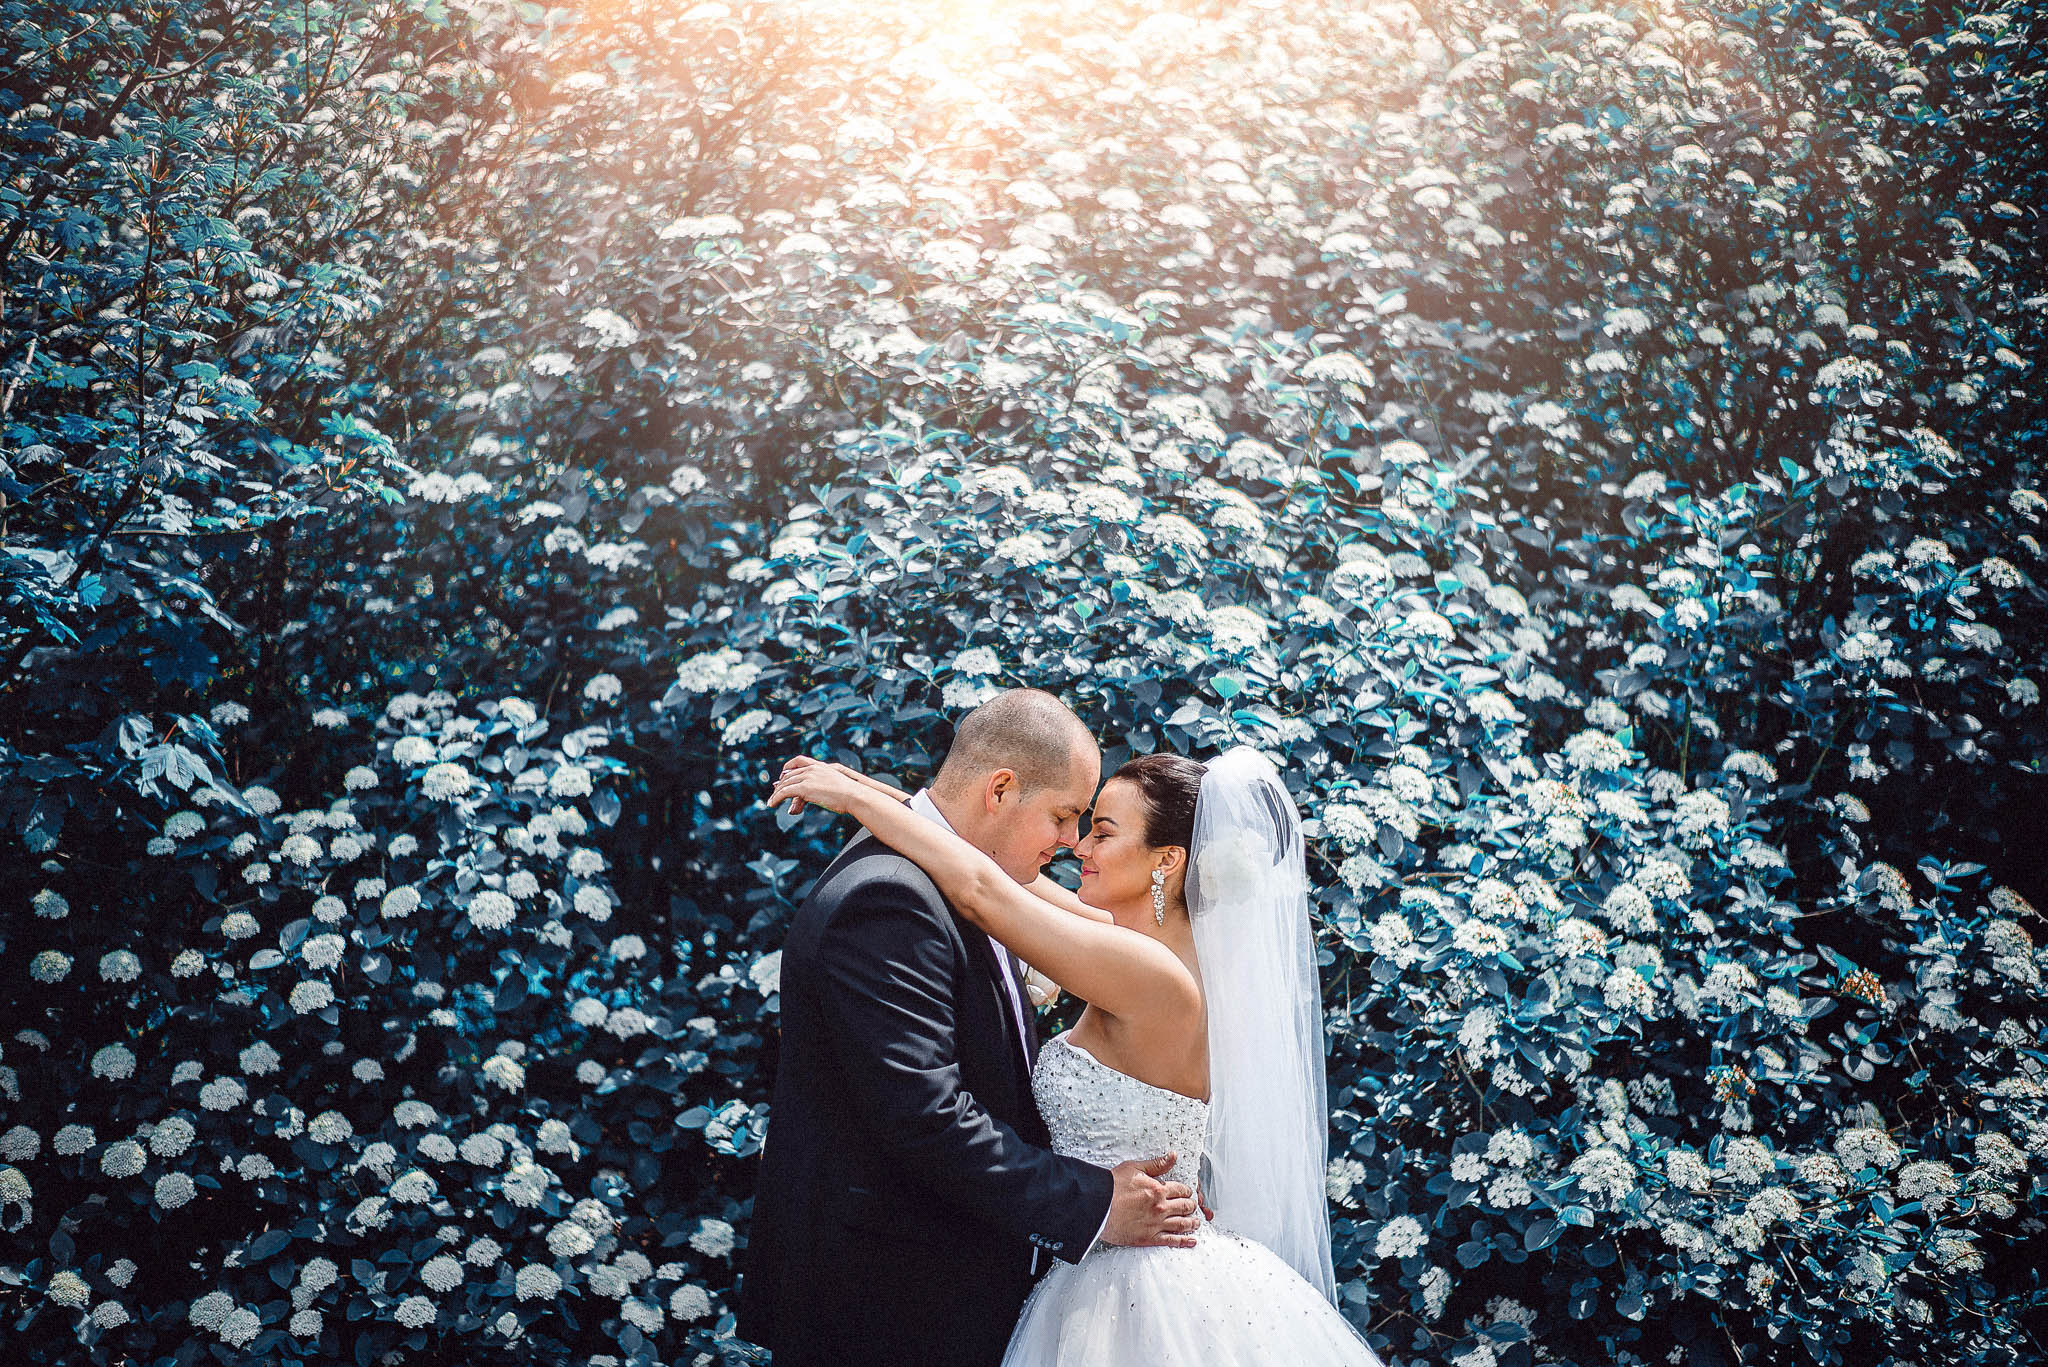 nevesta, ženích, oblek, šaty, závoj, láska, príroda, love, wedding dress, Bratislava, Trenčín, Žilina, Liptov, fotograf, kameraman, západ slnka, sunset, romantika, protisvetlo, backlight, rozprávka, fairytale, farby, nádherné, krásne